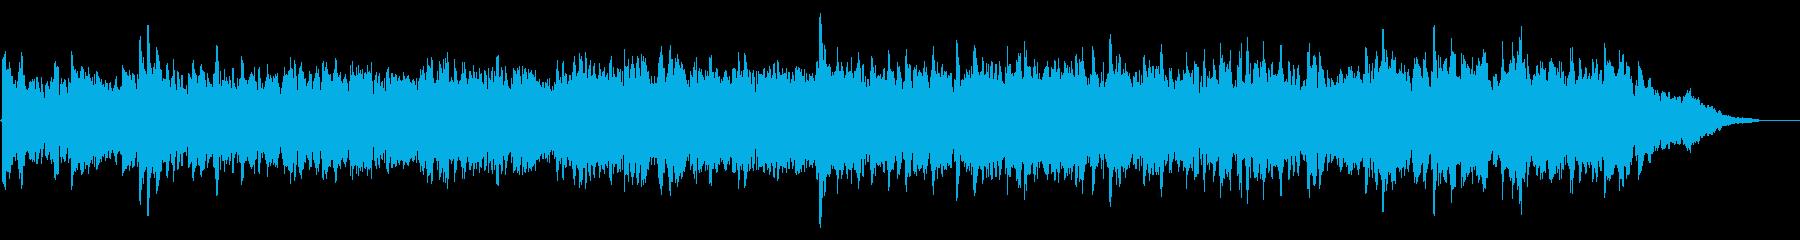 感動的で前向きなオーケストラサウンドの再生済みの波形